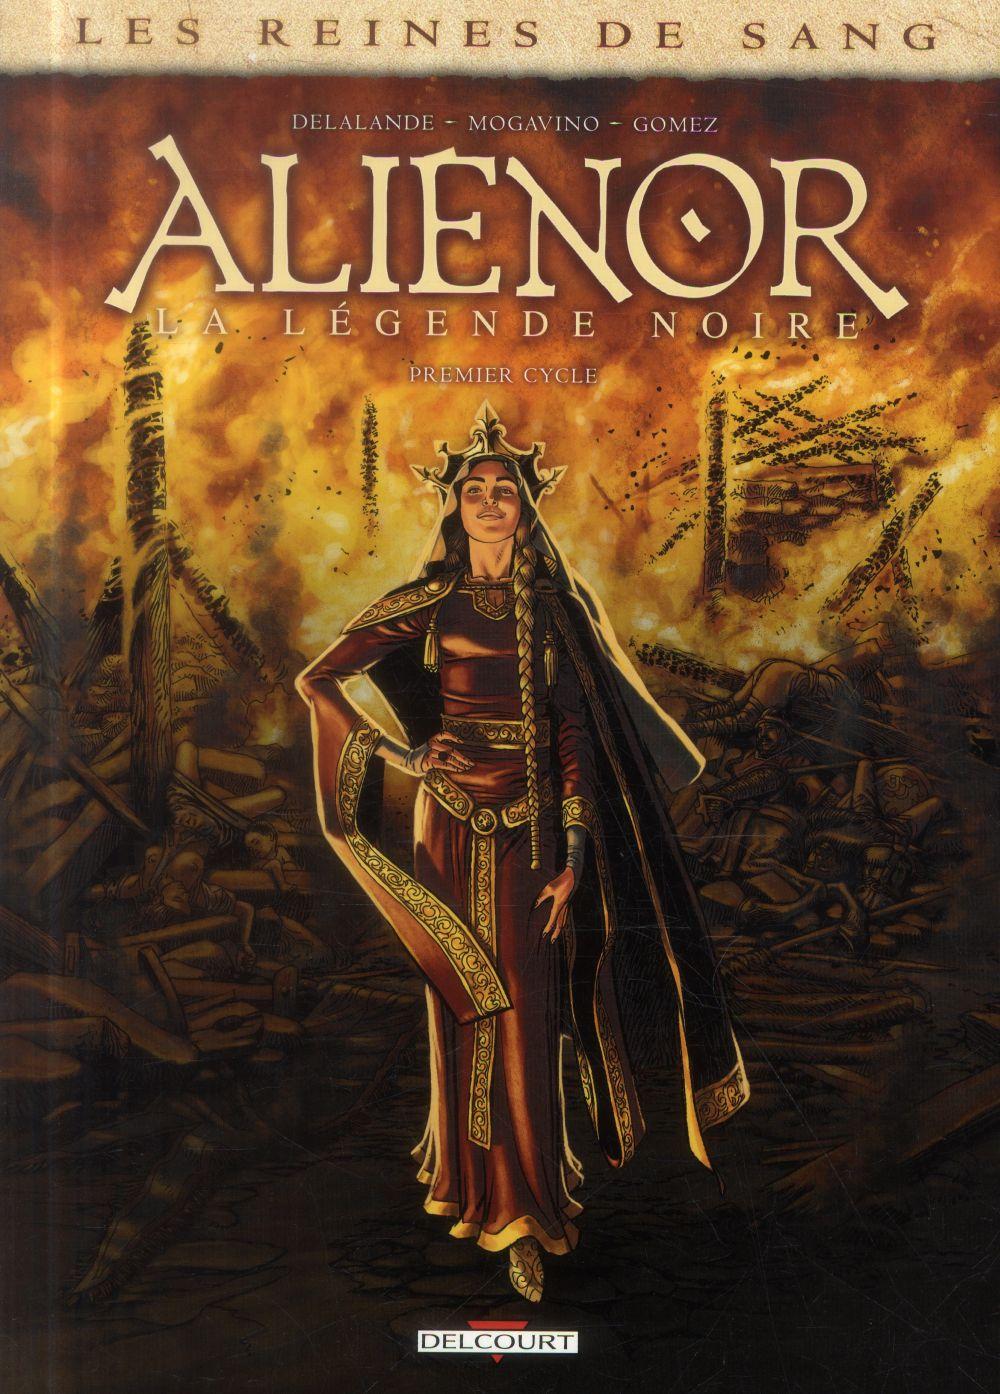 Les reines de sang - Aliénor, la légende noire ; COFFRET VOL.1 ; T.1 A T.3